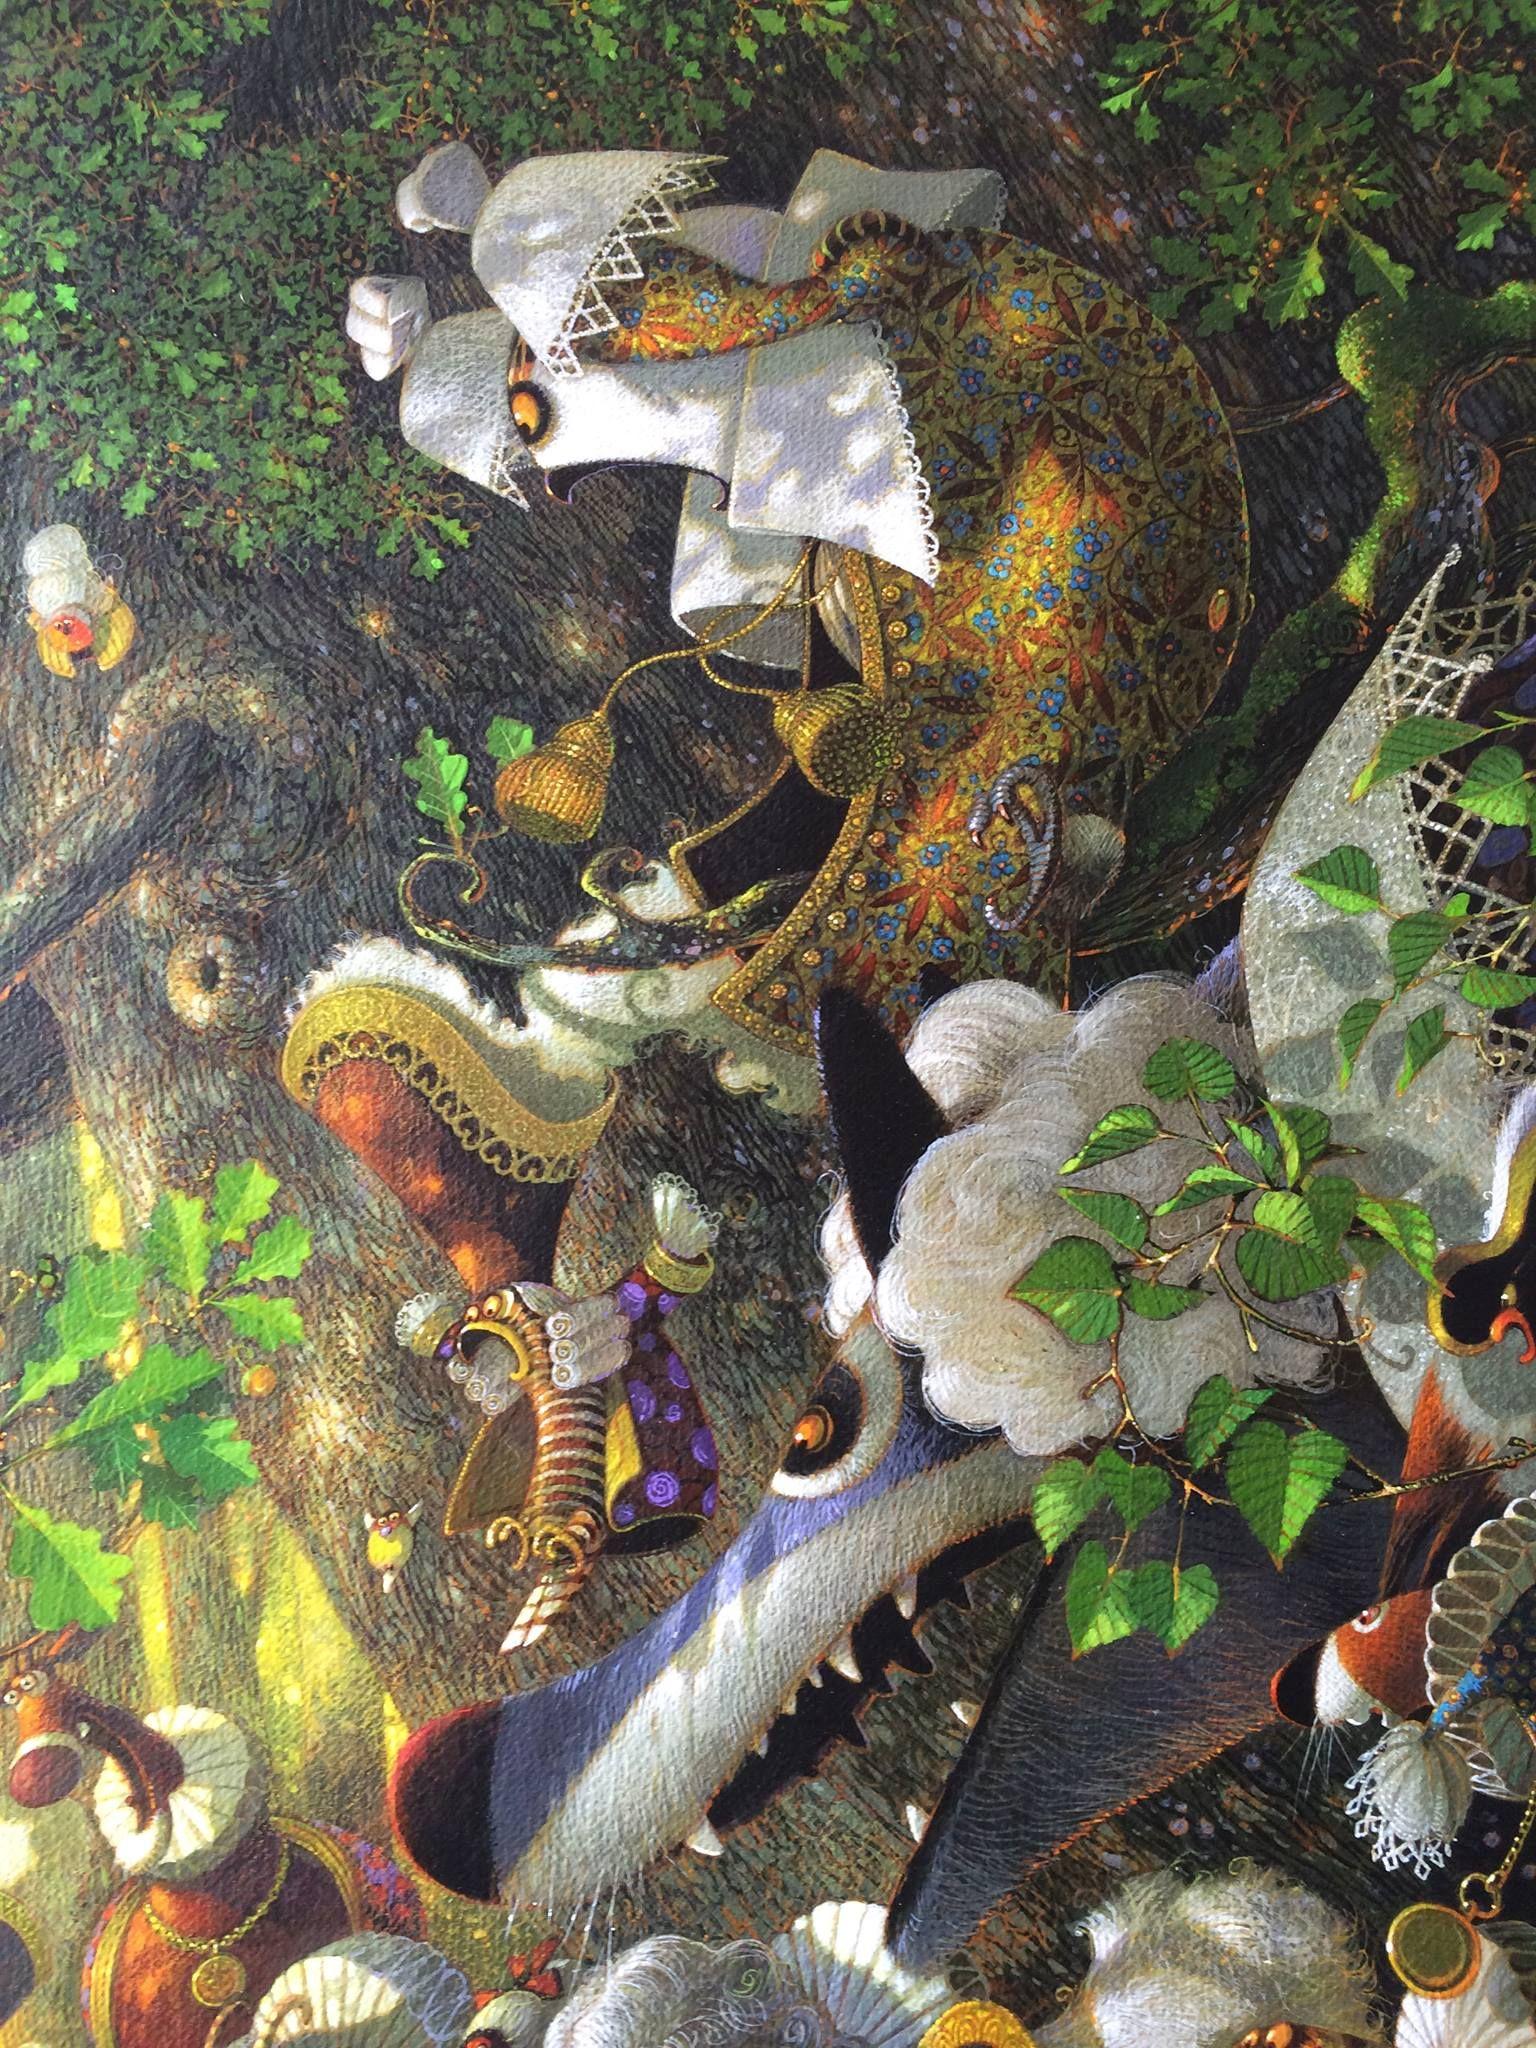 f389acd596d5aa6aac7bc9d021ce4ccb Frais De Aquarium En Bois Schème